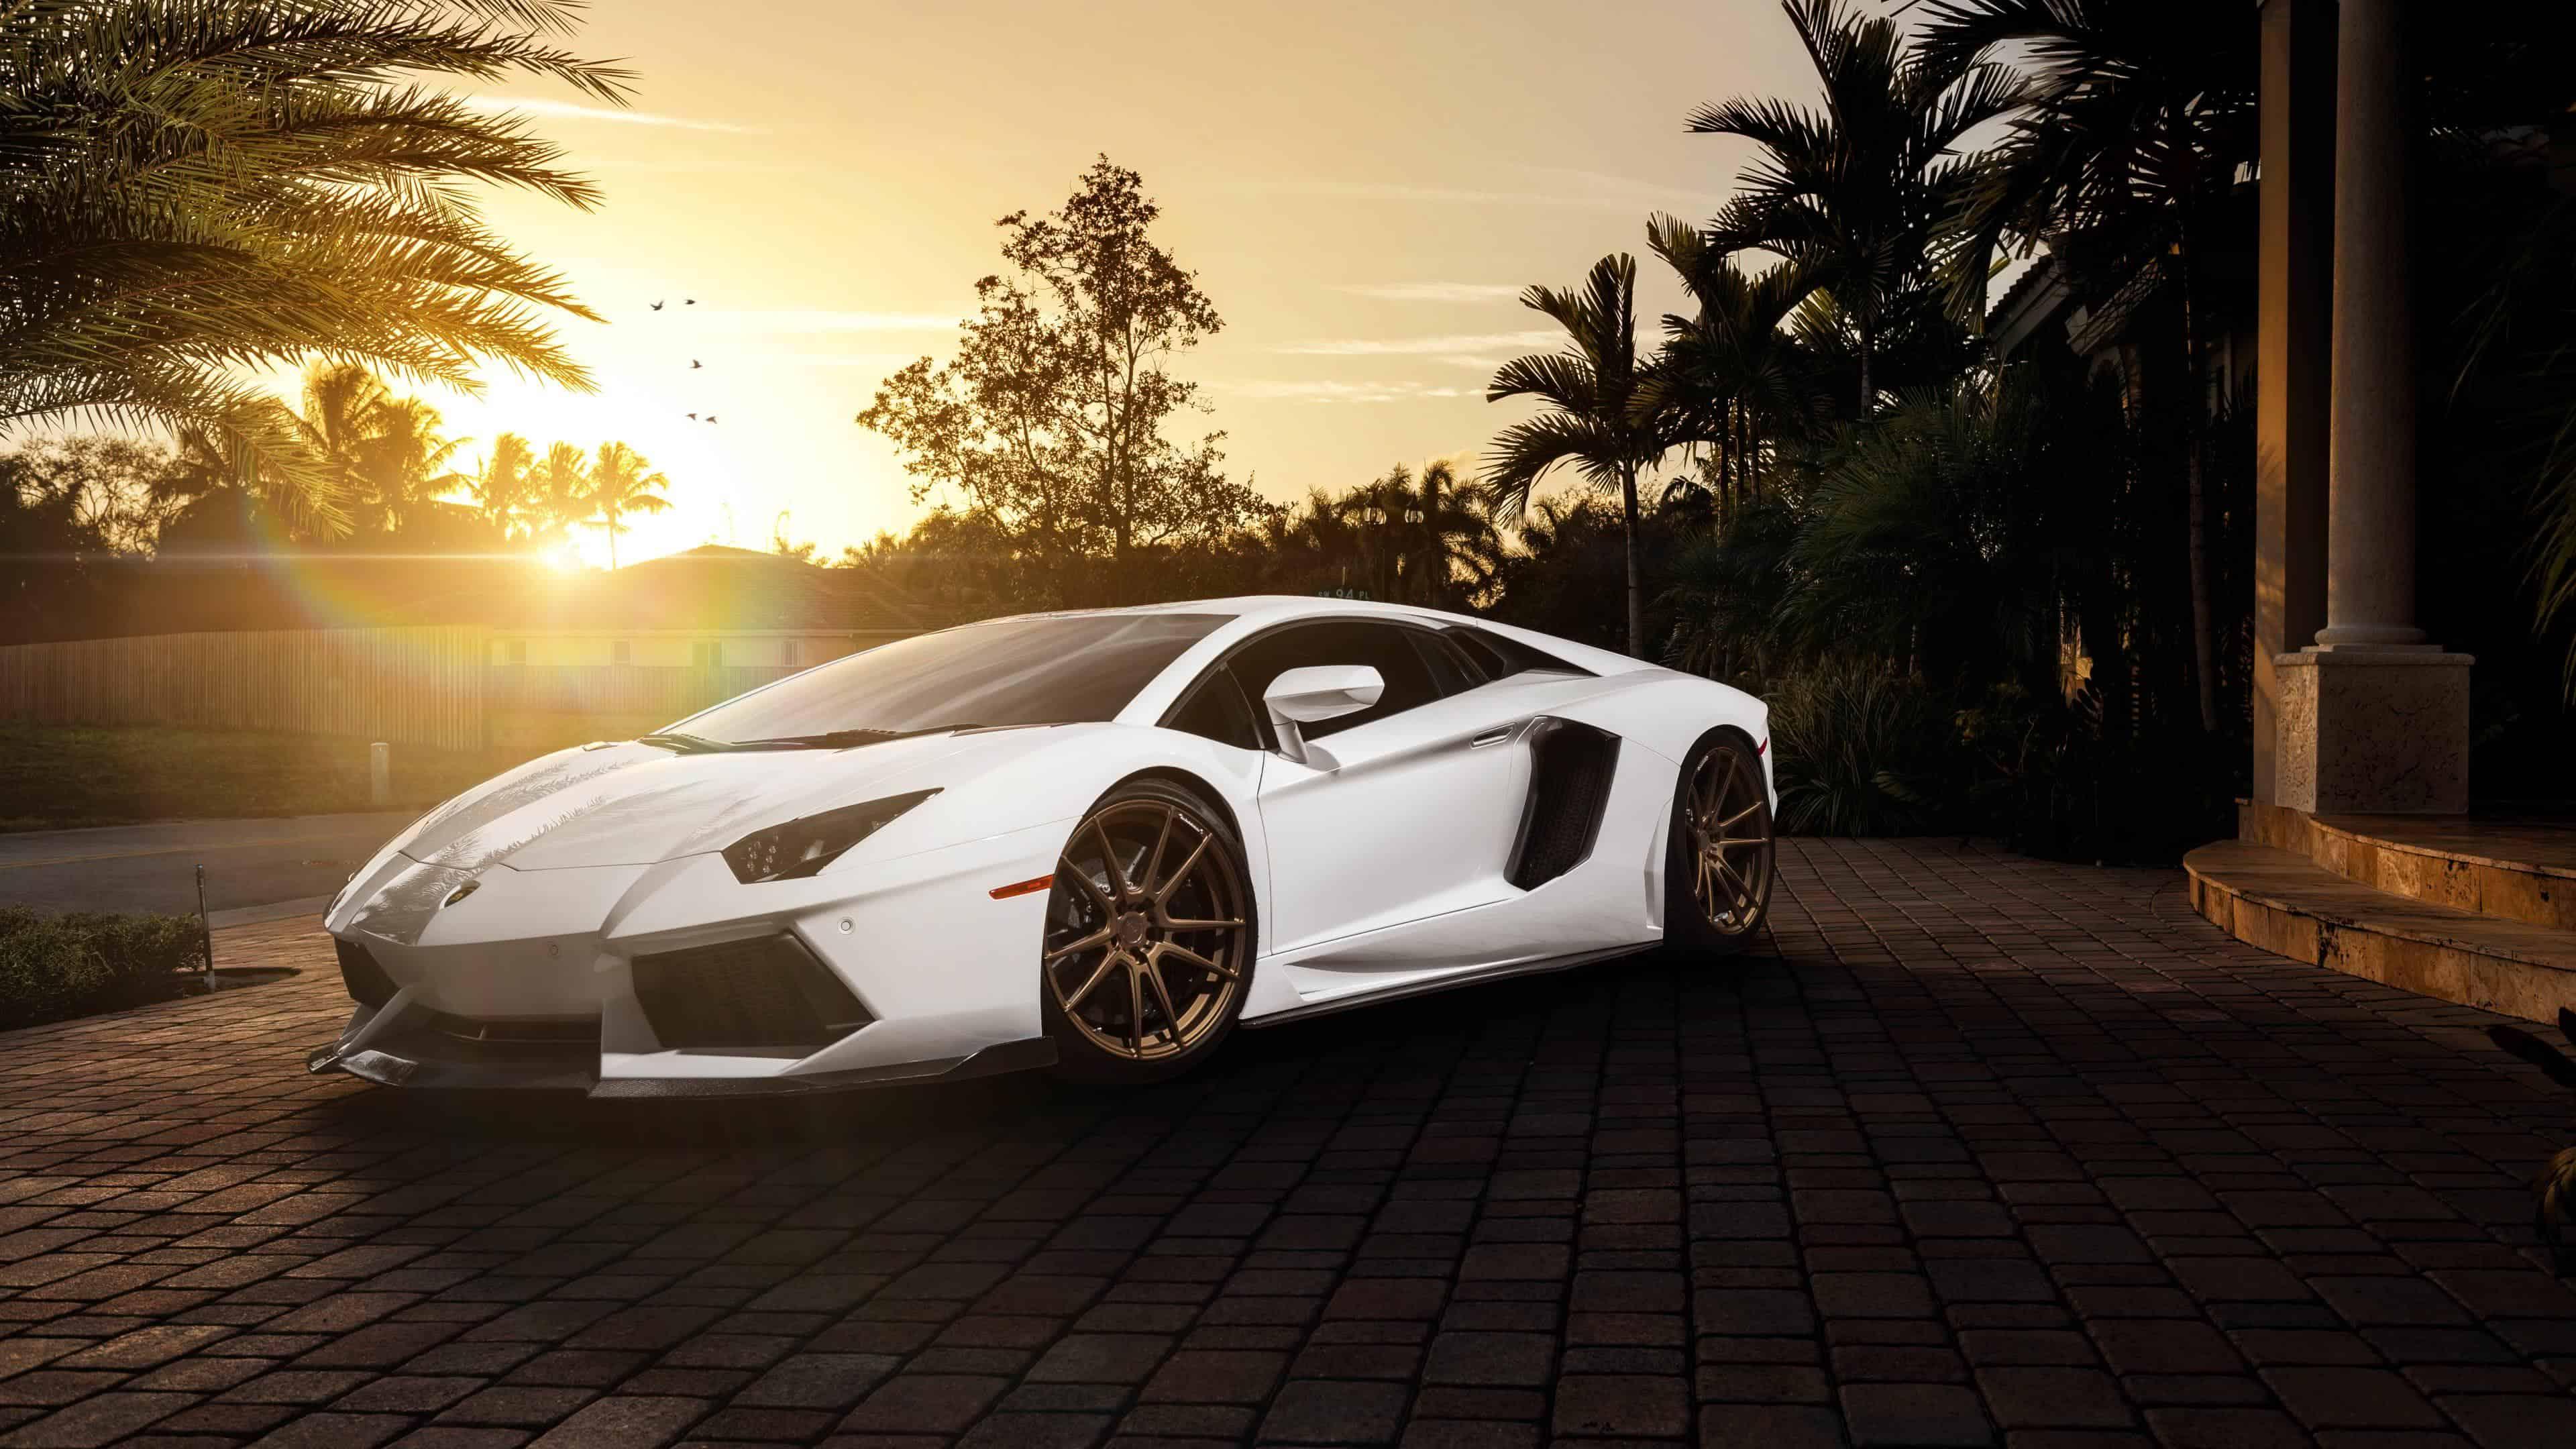 White Lamborghini Uhd 4k Wallpaper Pixelz